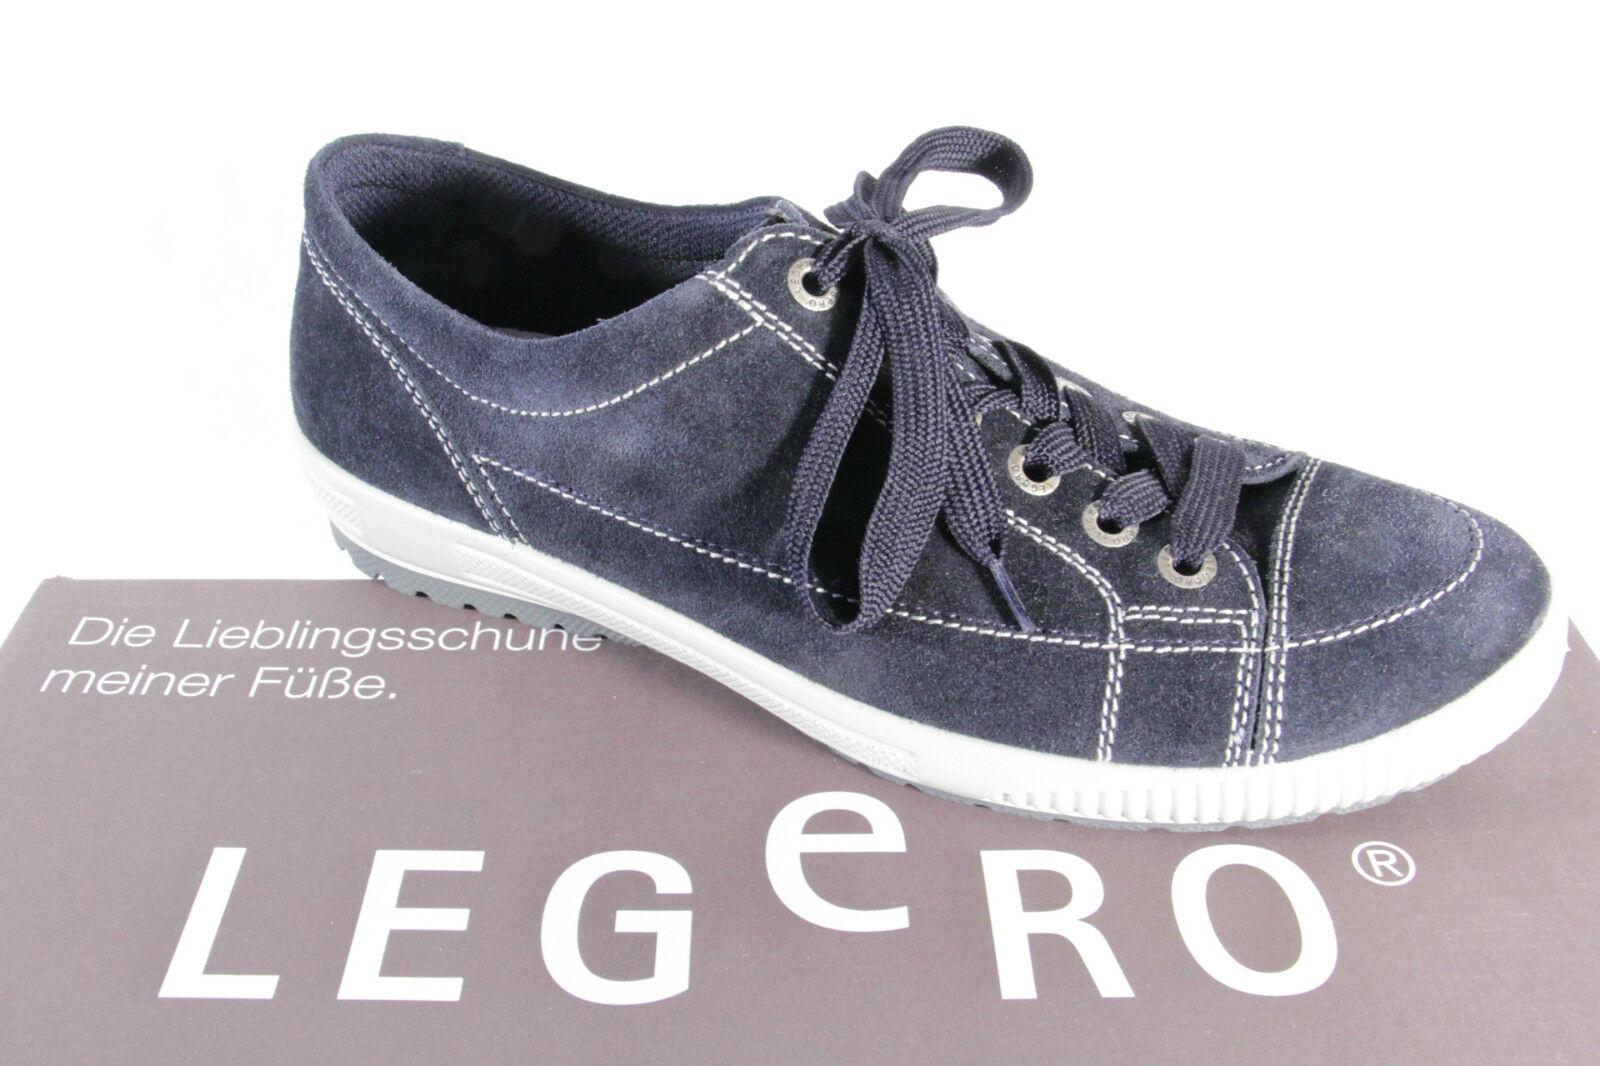 Los últimos zapatos de descuento para hombres y mujeres Descuento por tiempo limitado Legero mujer Zapatos De Cordones Zapatilla de deporte bajas CALZADO DEPORTIVO